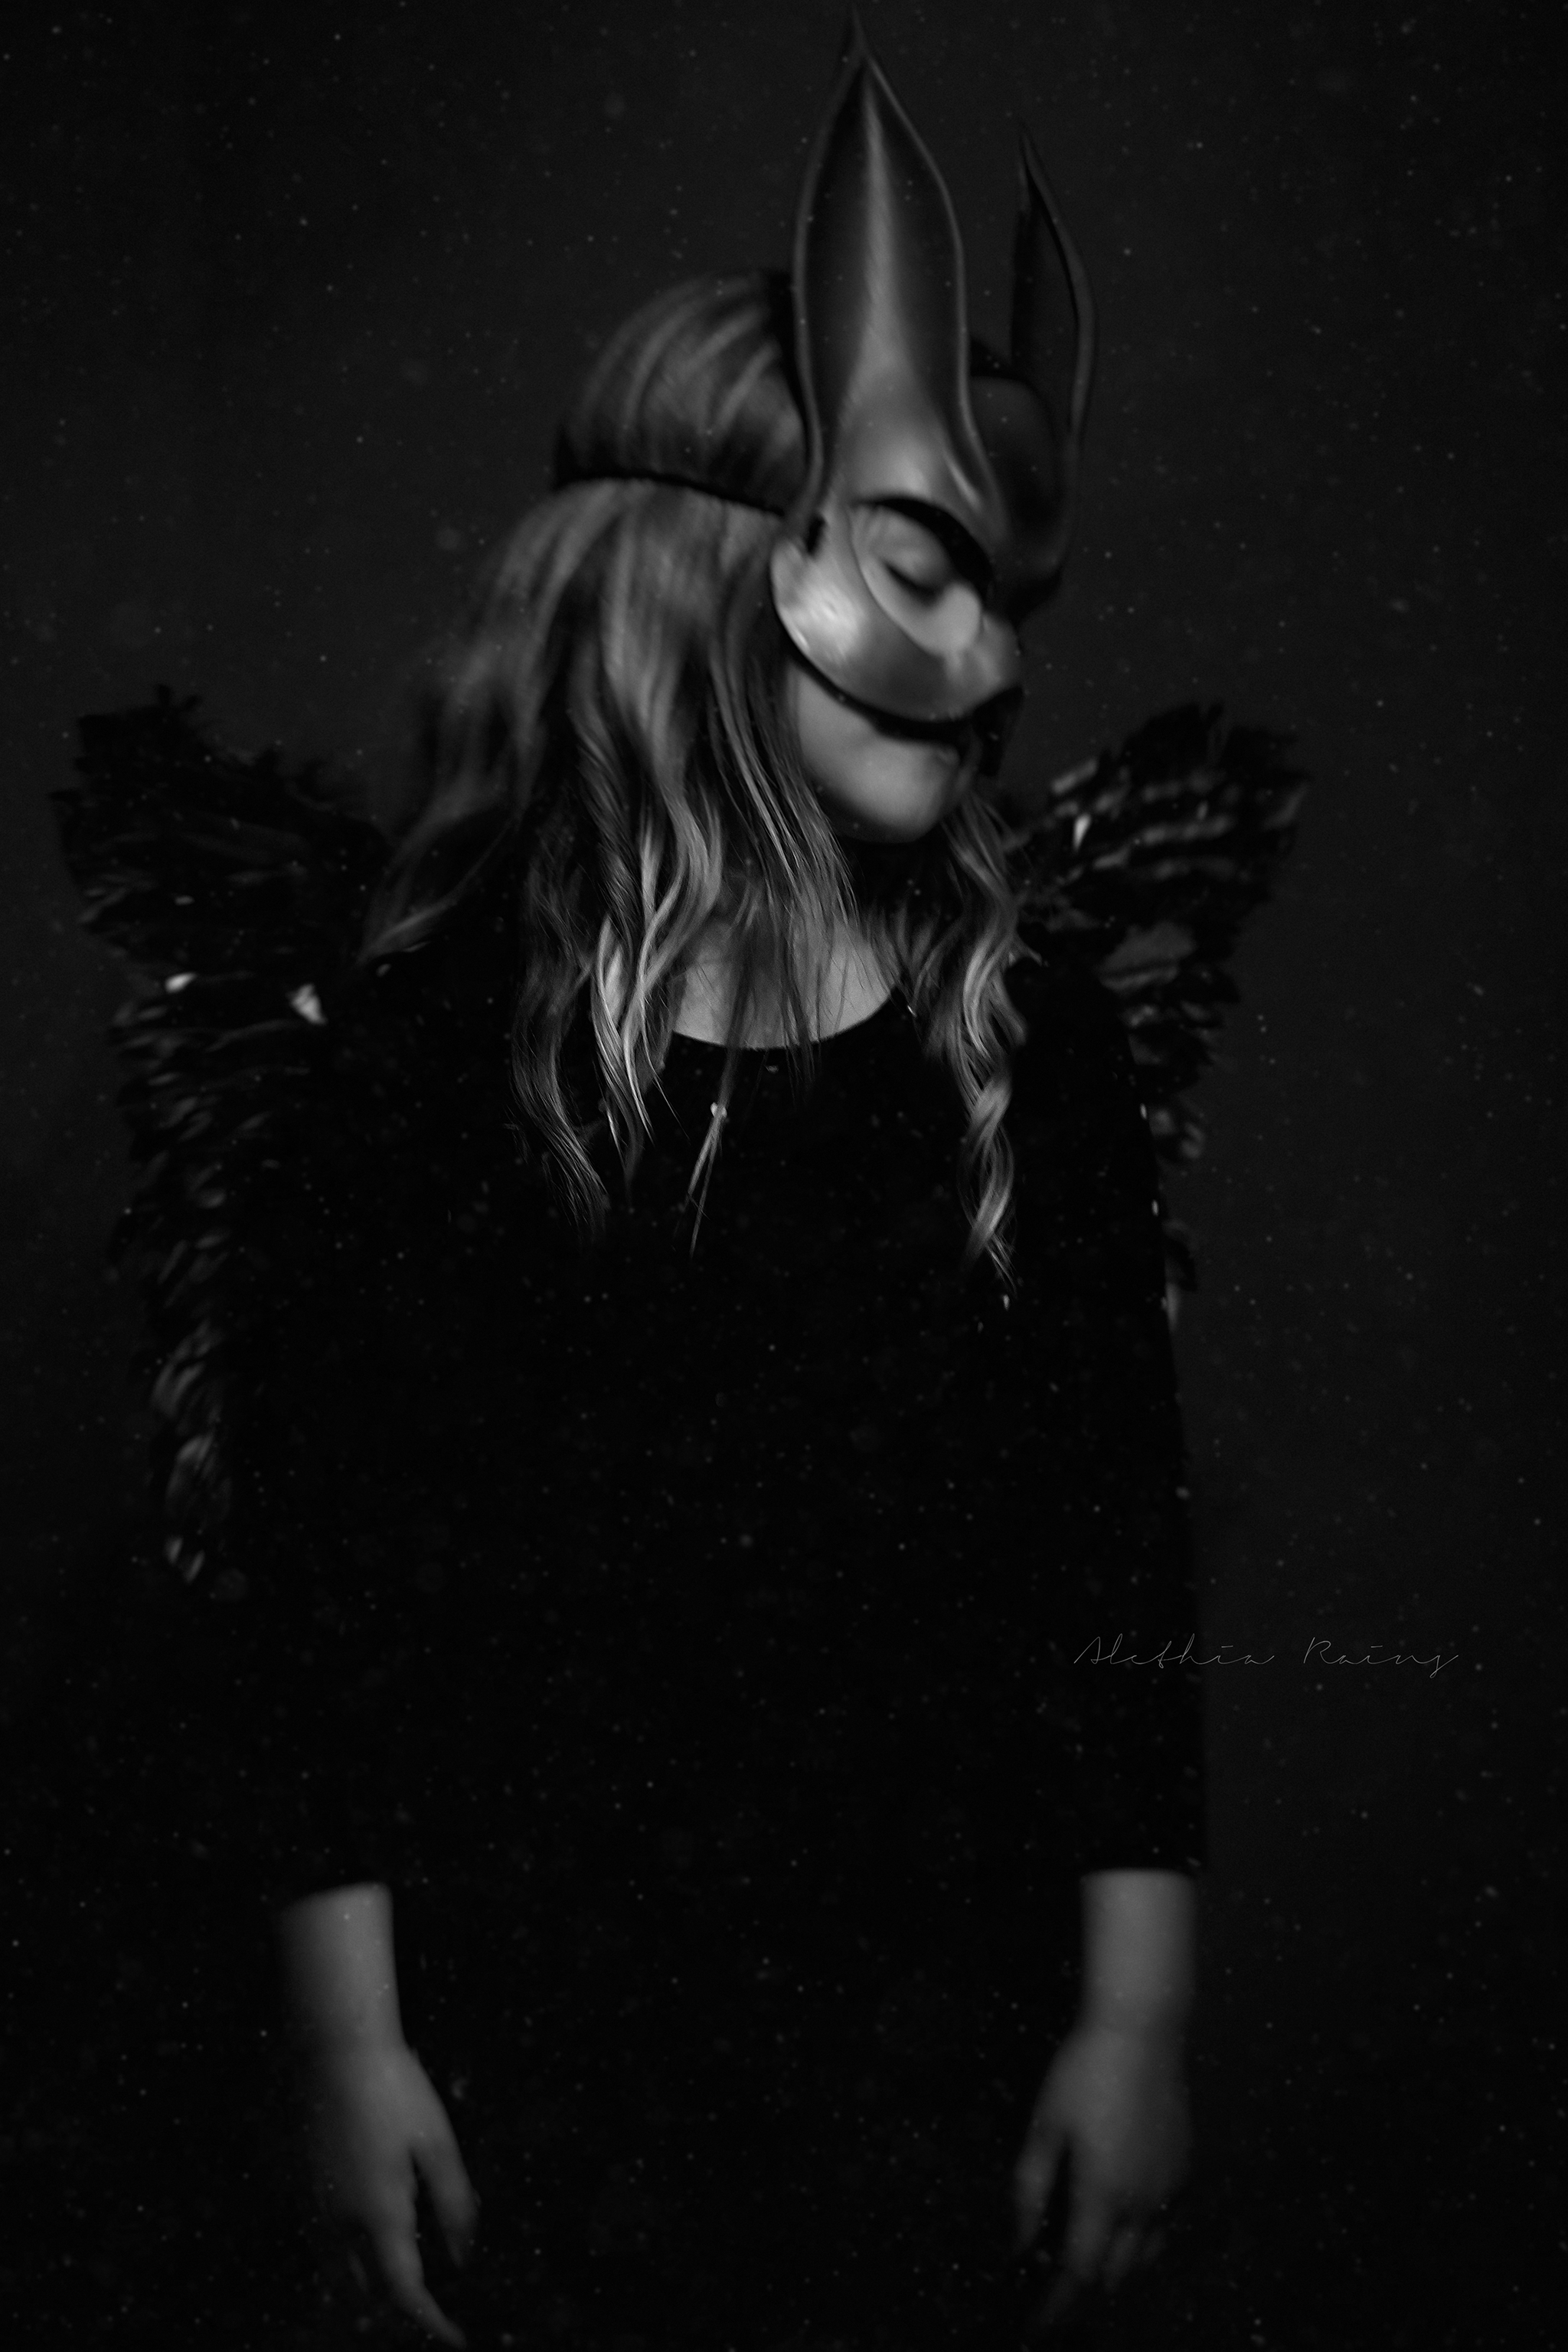 Mask1adrwm